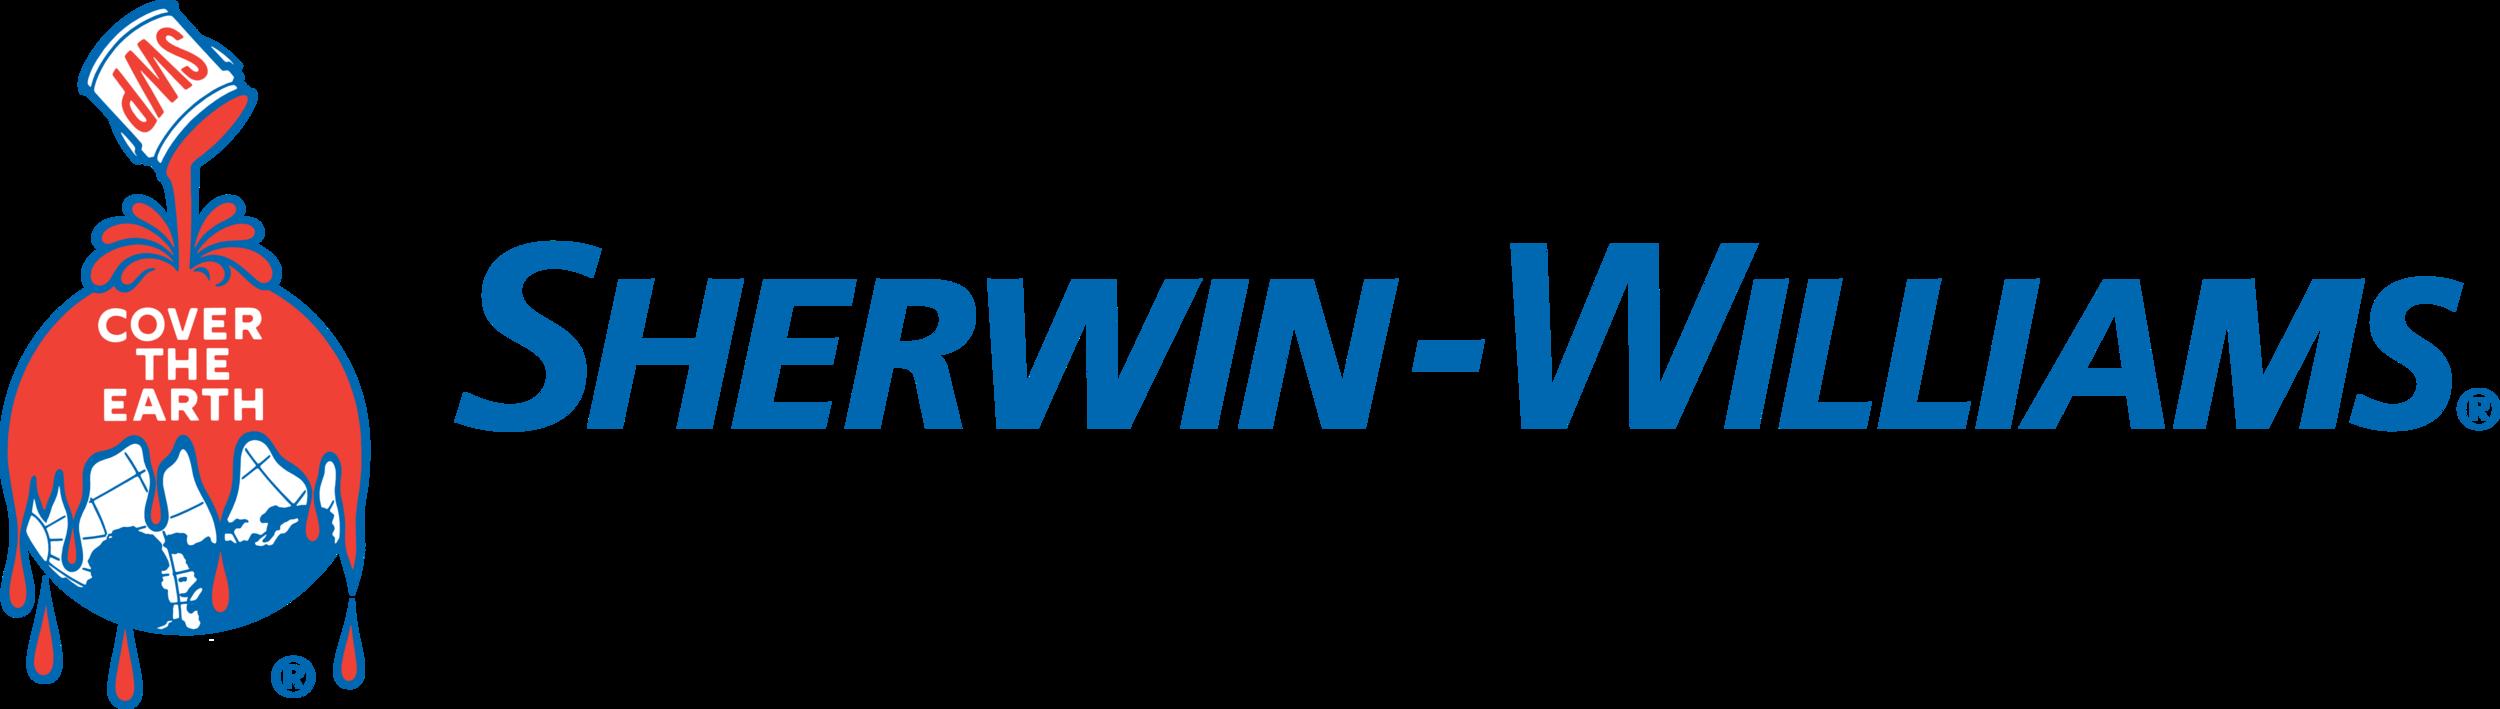 Sherwin Williams_logo.png